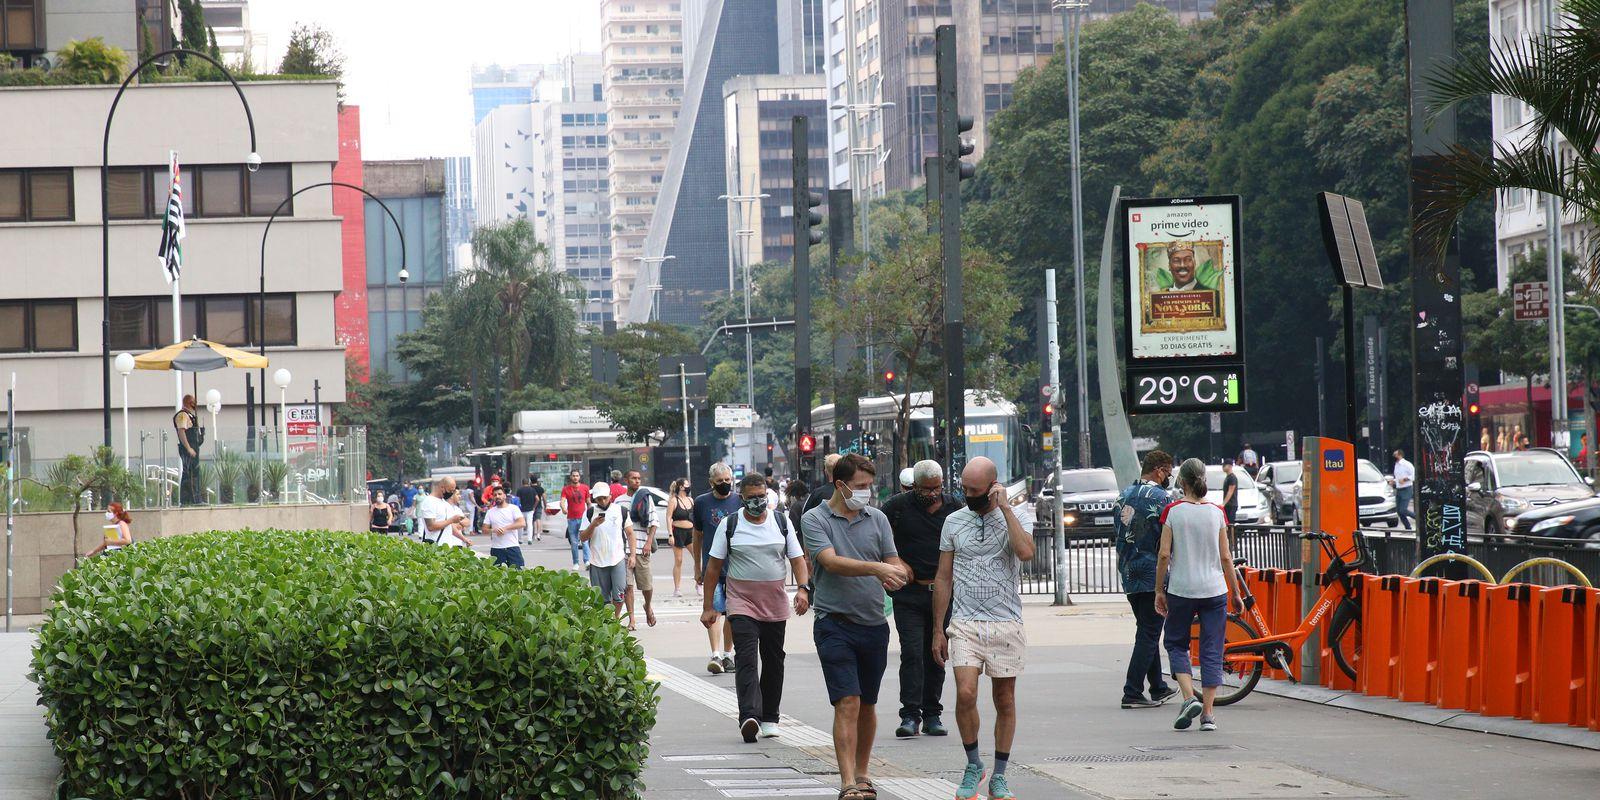 Movimento de pessoas na Avenida Paulista, durante a fase vermelha da pandemia de covid-19 na capital.